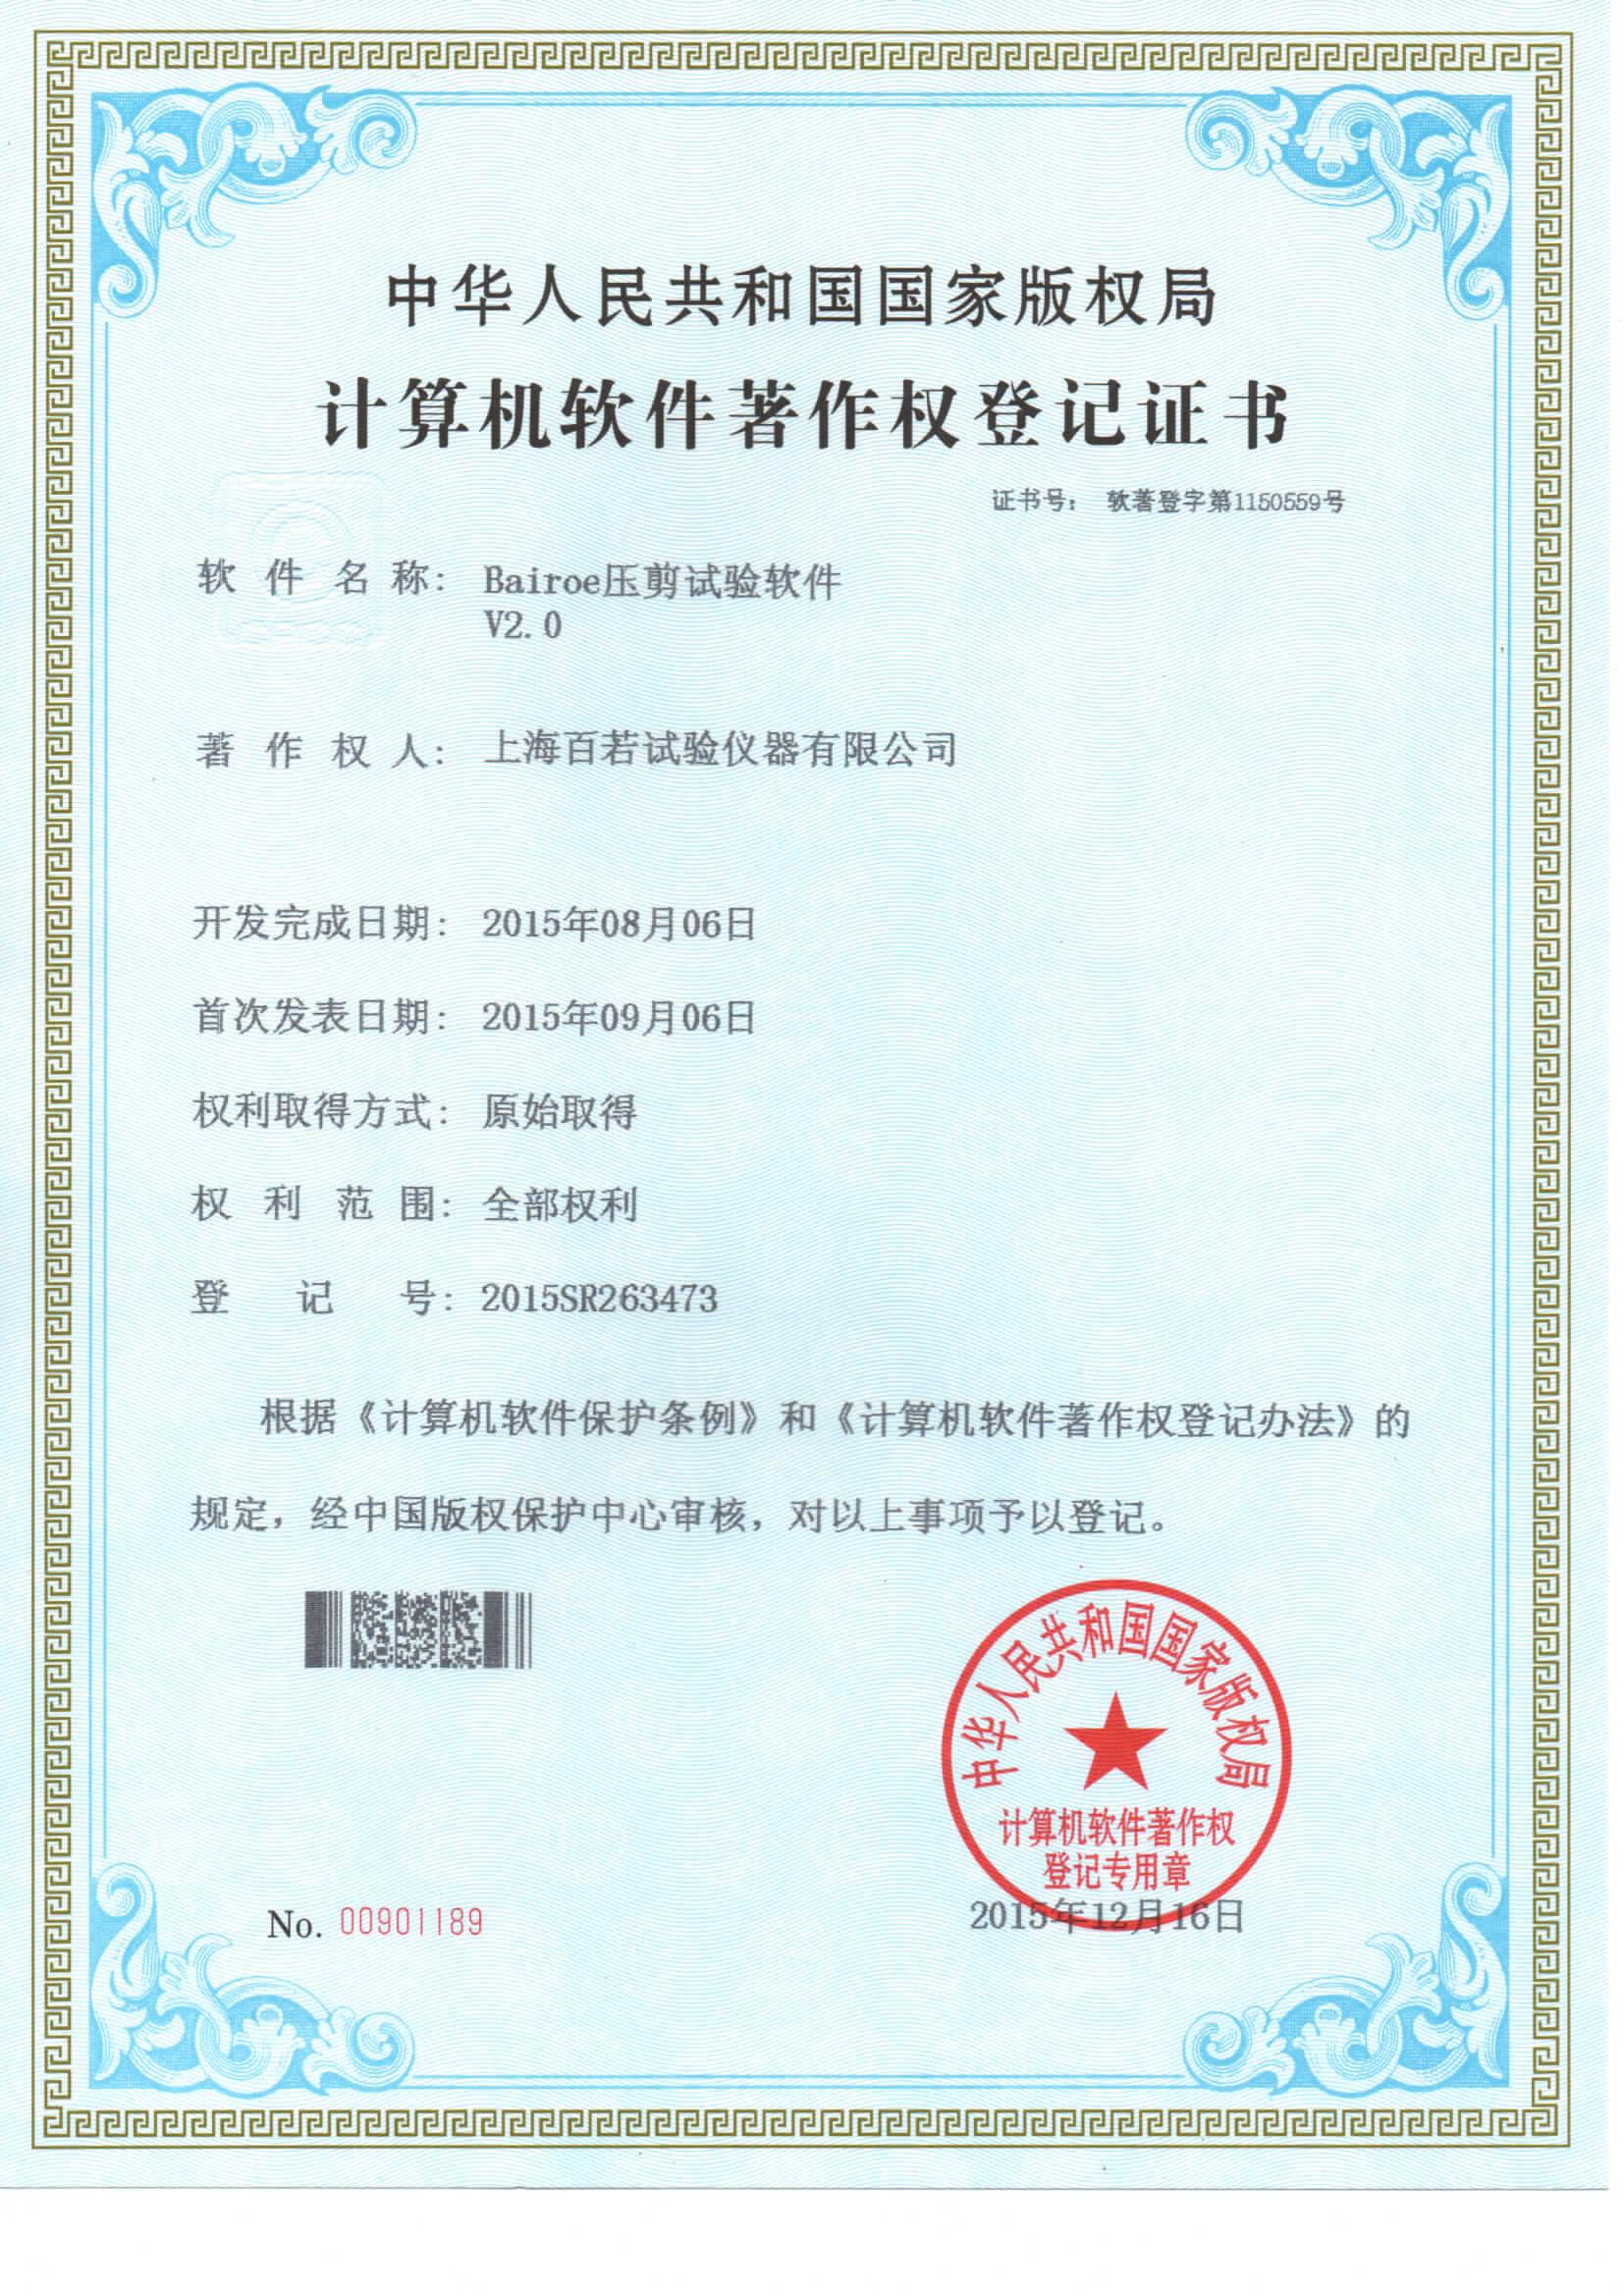 压剪-计算机软件著作权登记证书